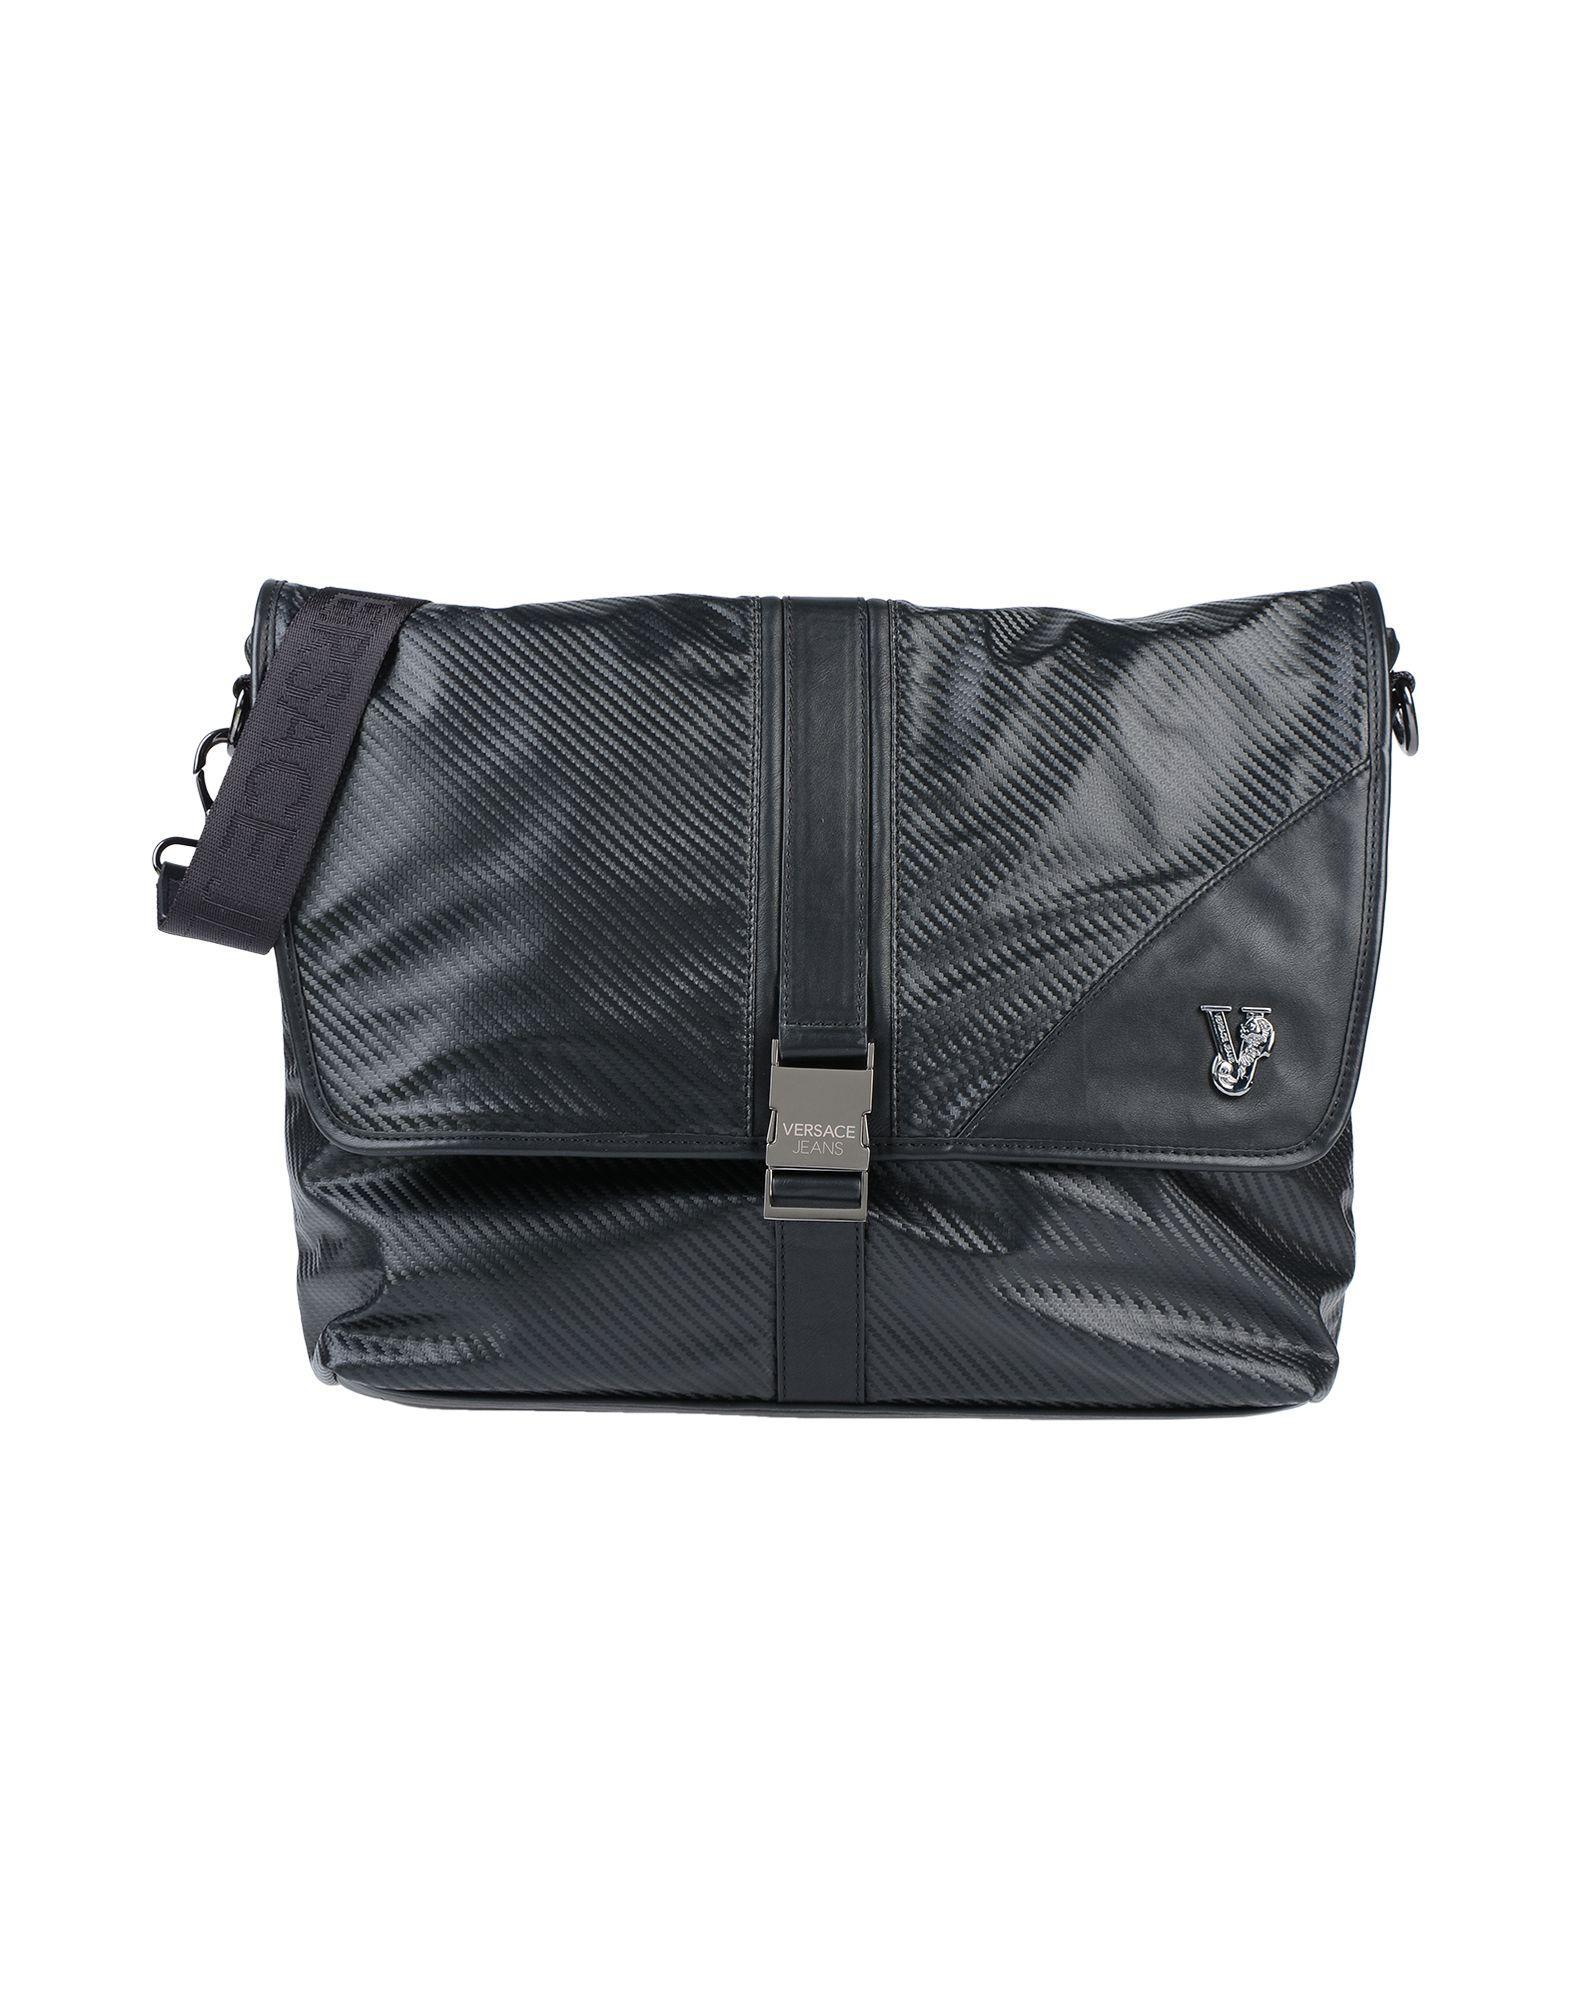 c4dd0f136074 Женские сумки через плечо Versace Jeans купить в интернет магазине ...